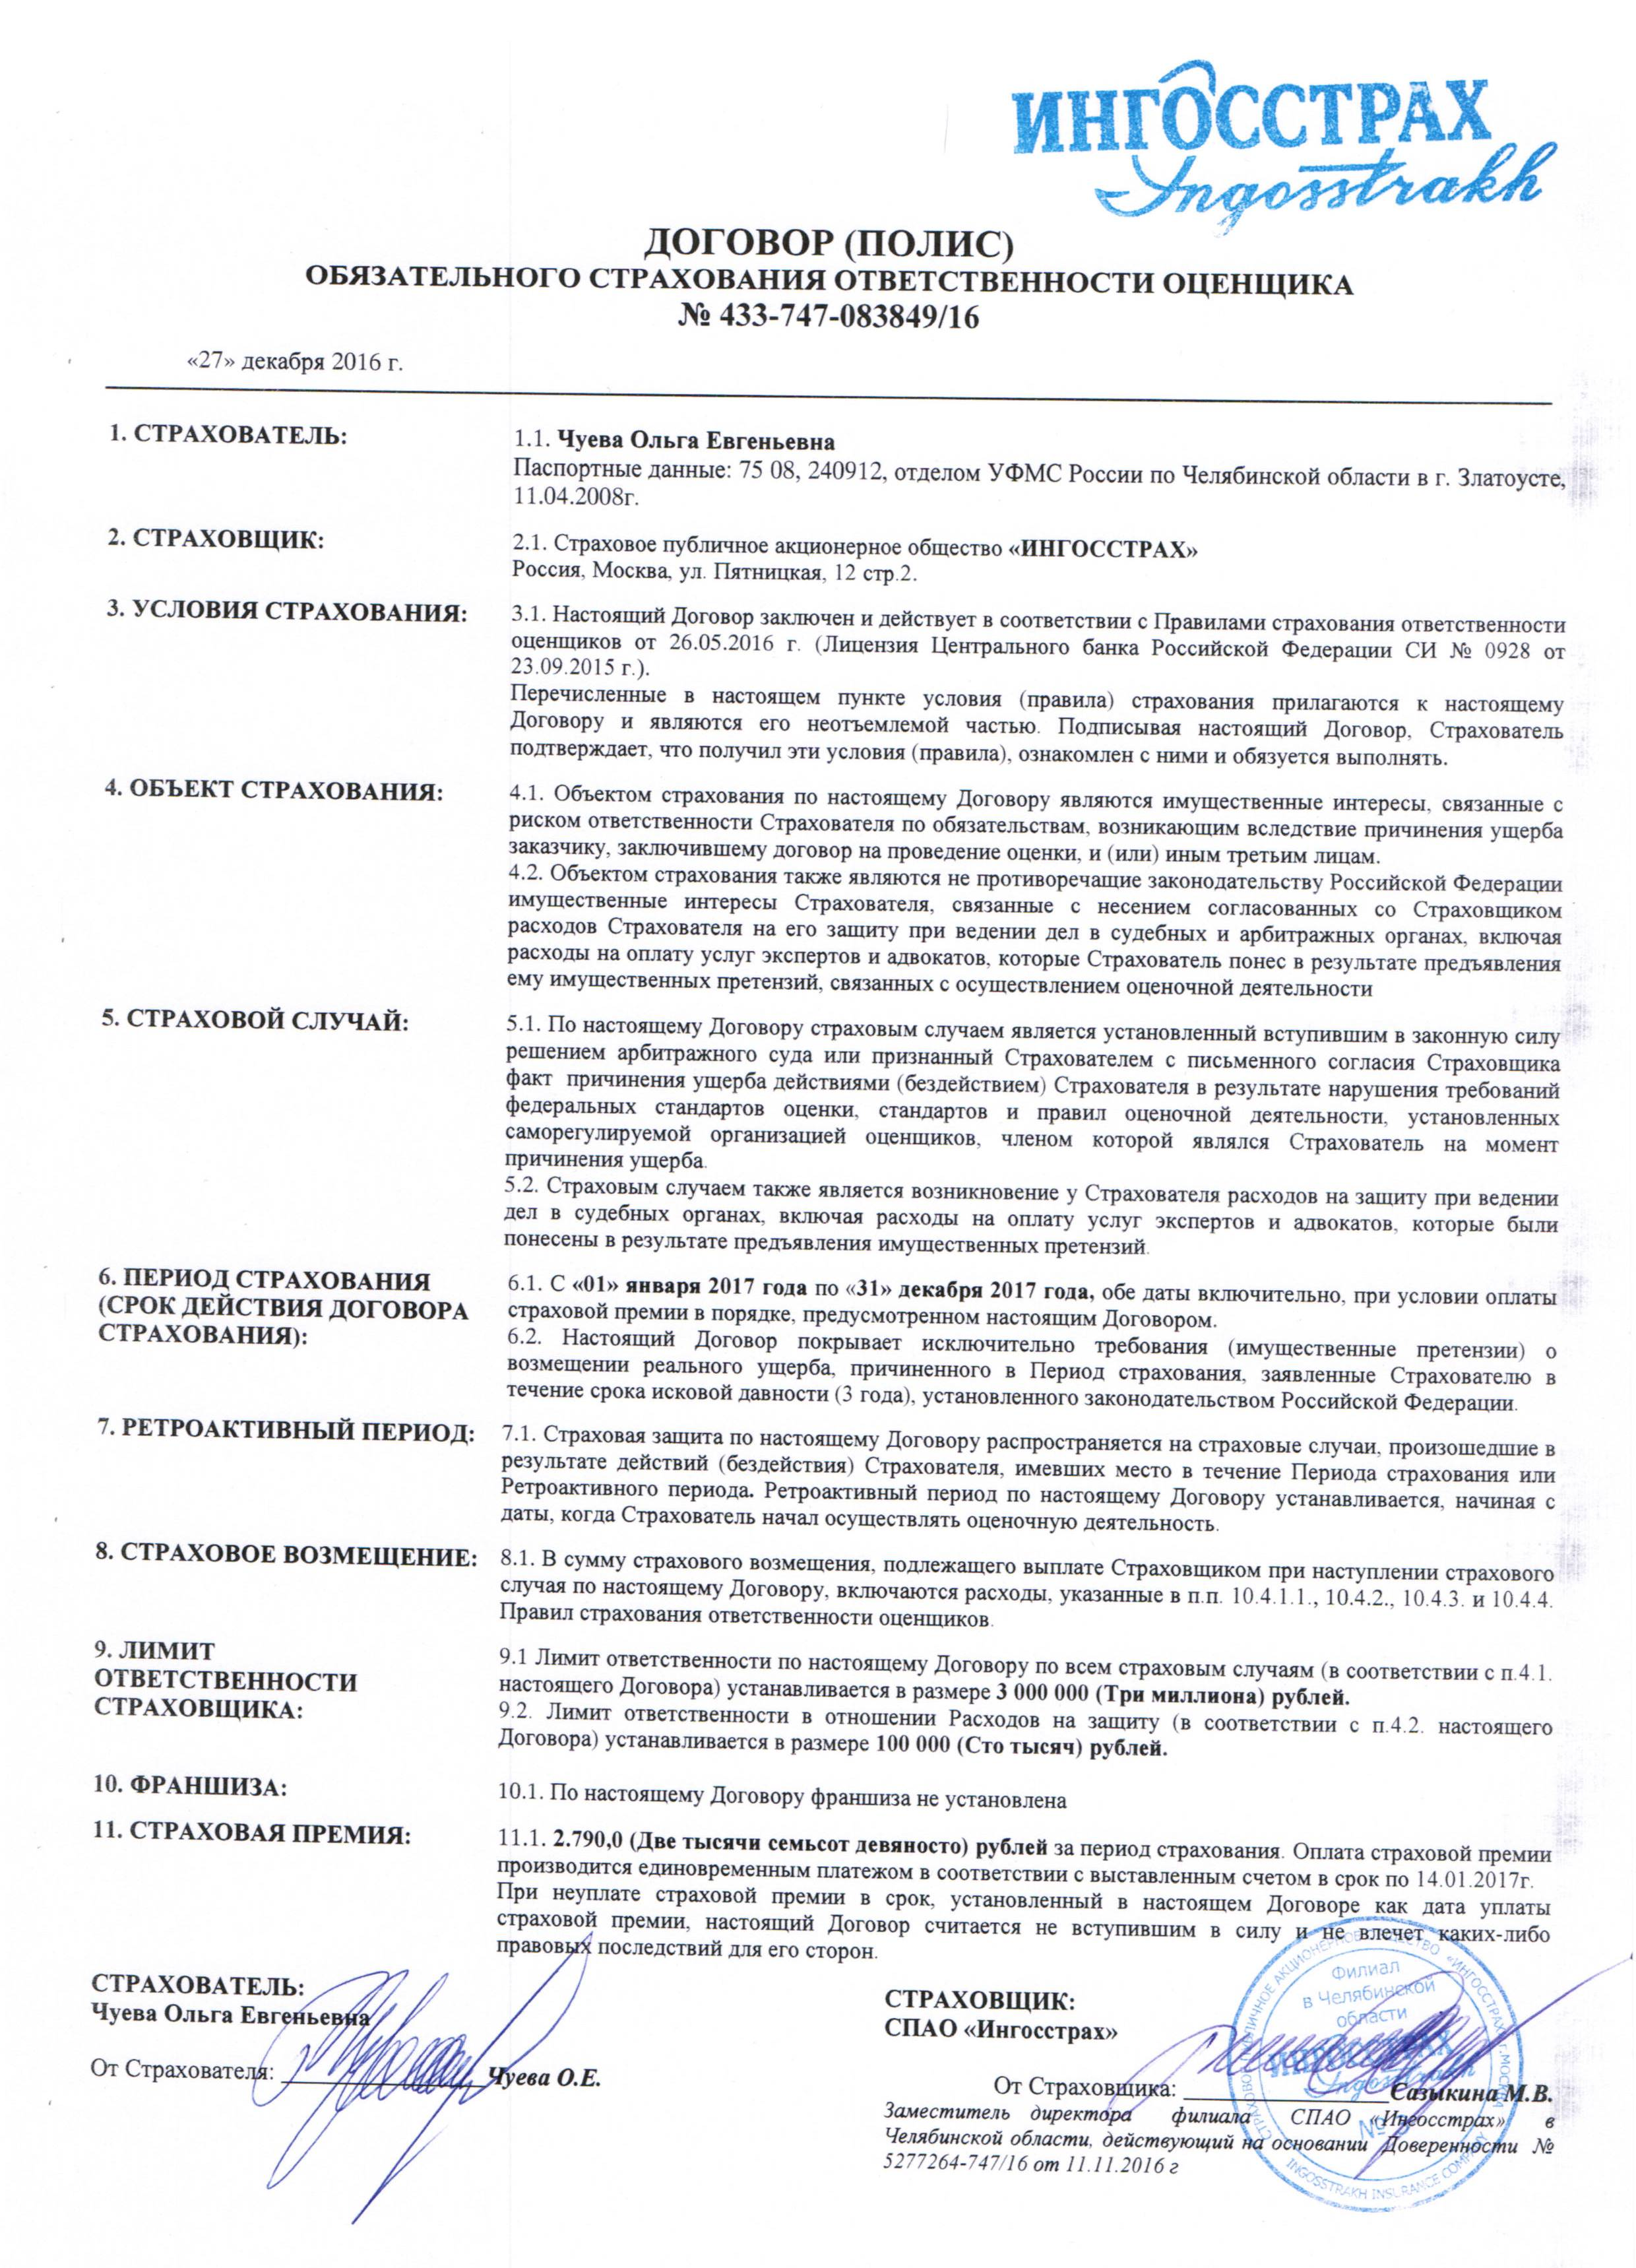 оценщики сертификаты оценка Диплом о профессиональной переподготовке ПП 1 № 782183 регистрационный №0094 выдан 28 января 2011 года По программе Оценка стоимости предприятия